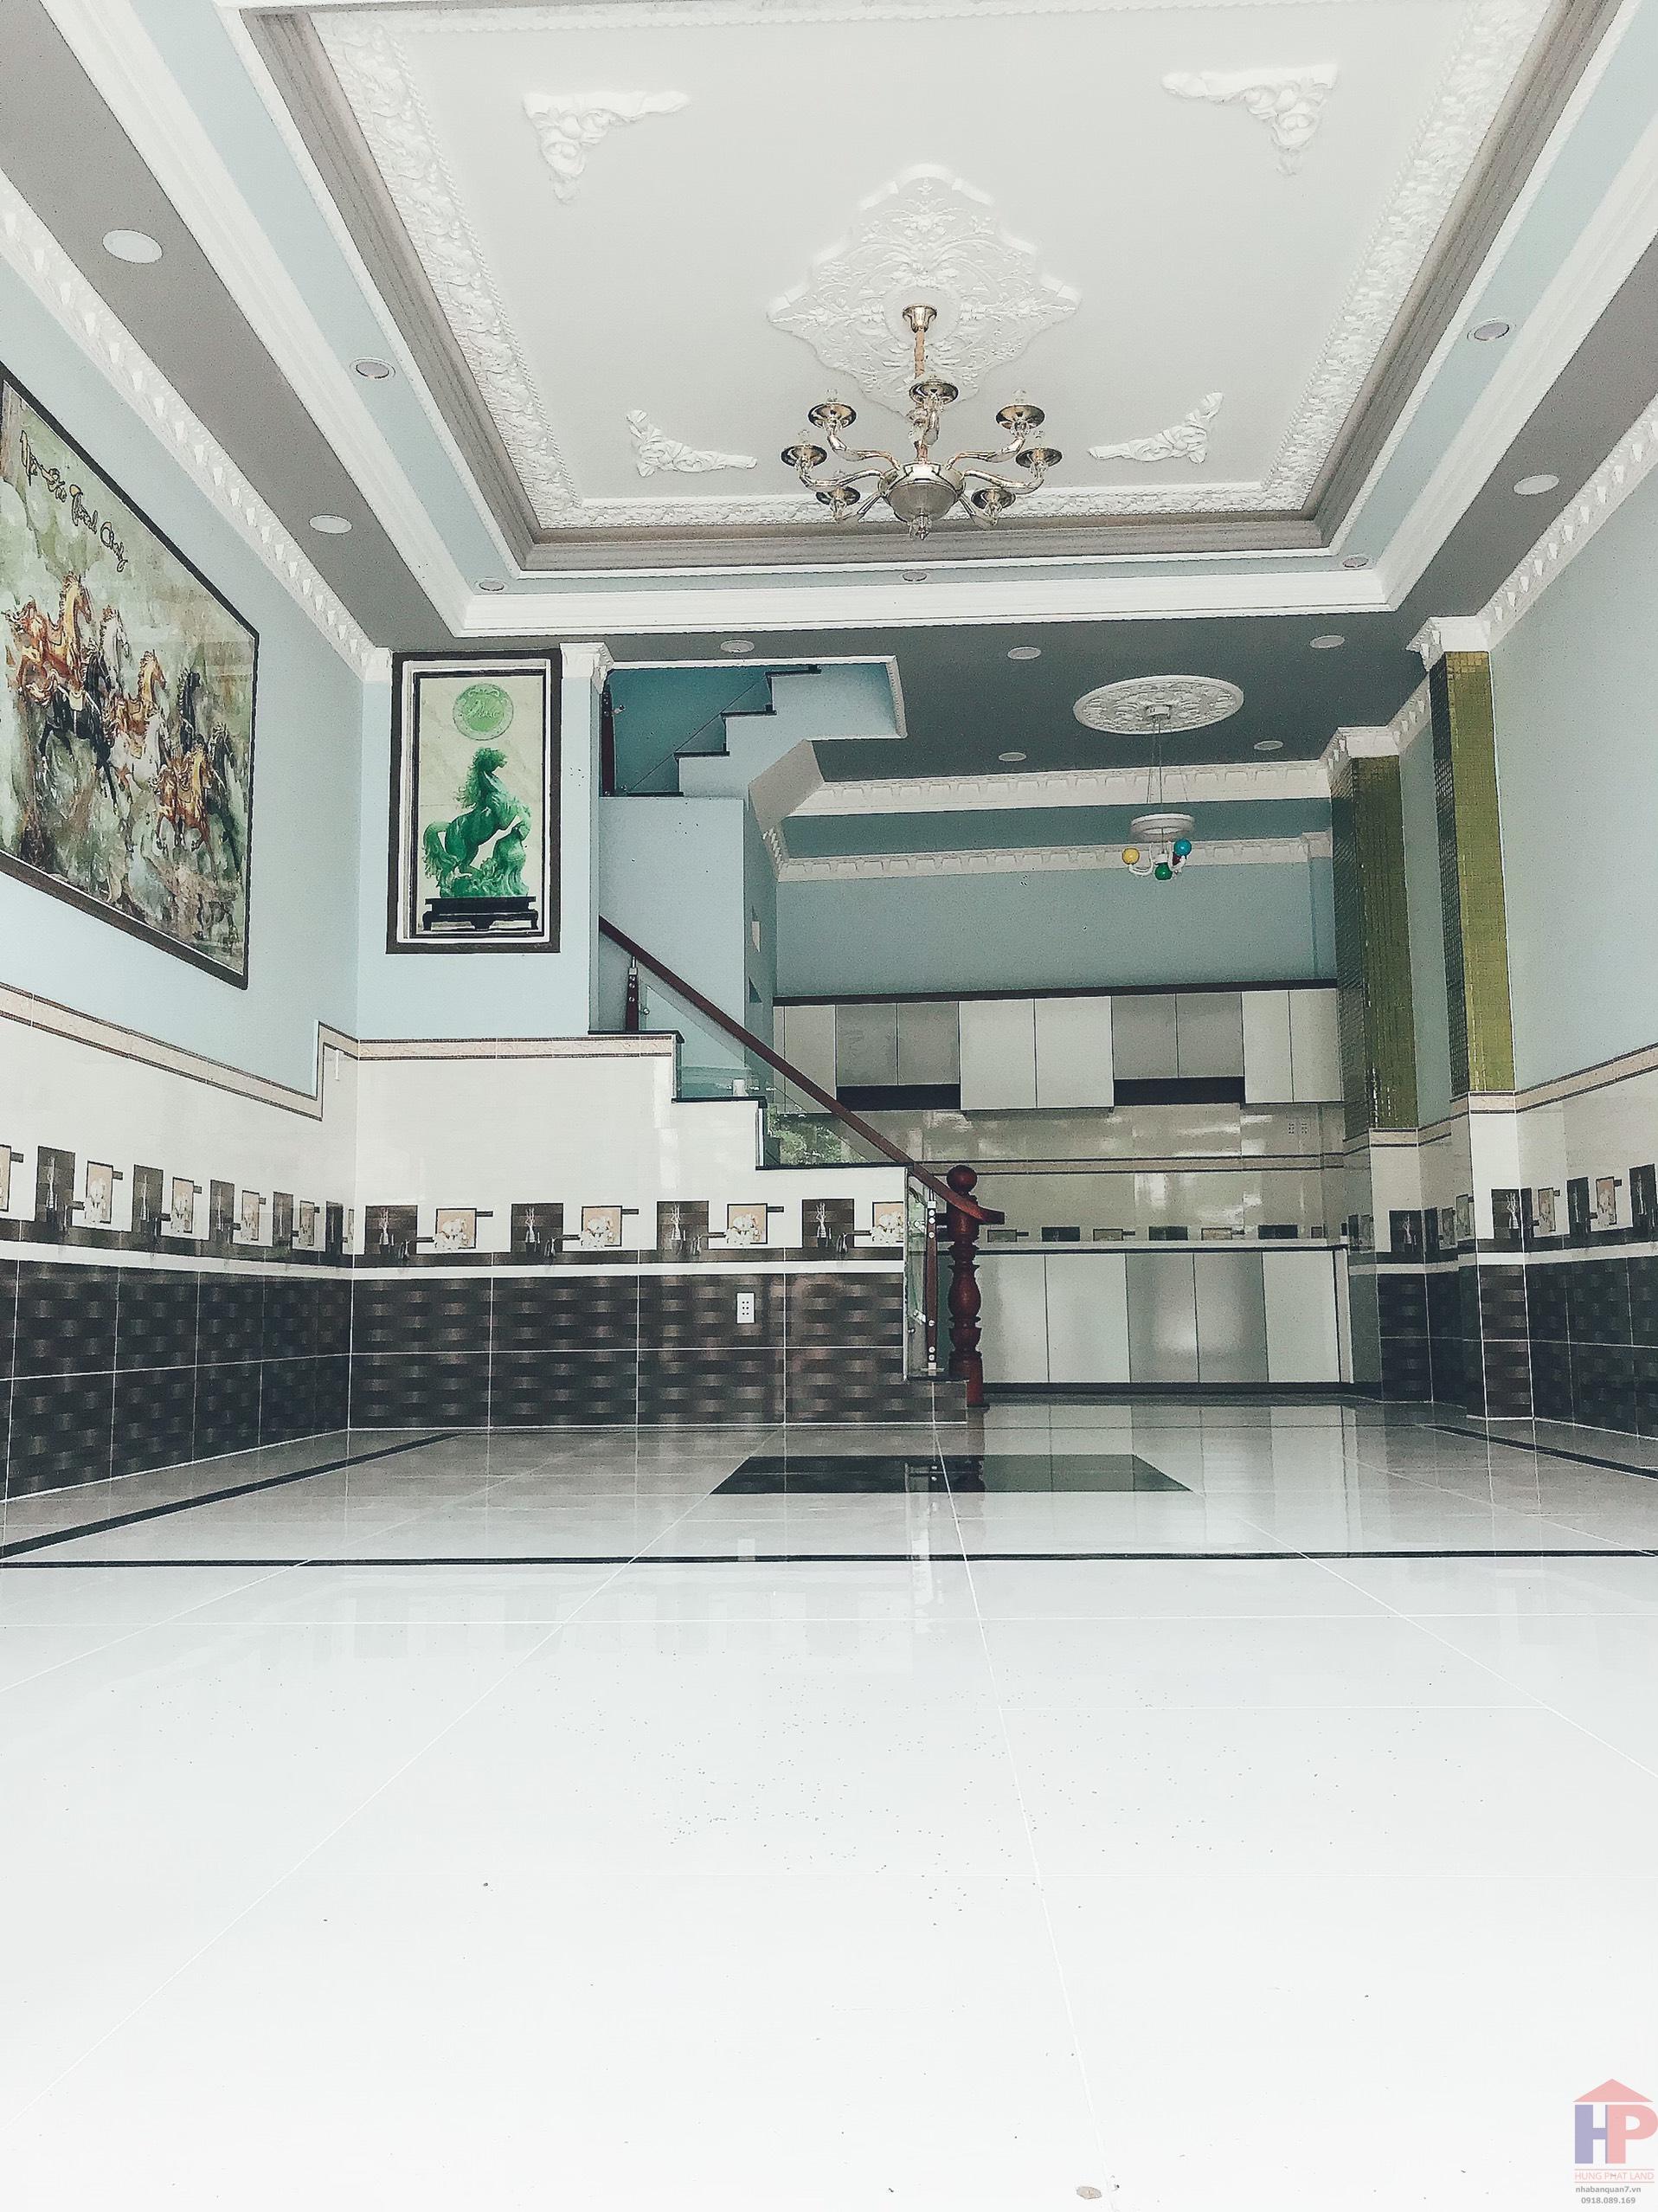 Bán nhà hẻm 1806 Huỳnh Tấn Phát Nhà Bè, 1 trệt – 2 lầu, DT 5x10m, giá 4.45 tỷ